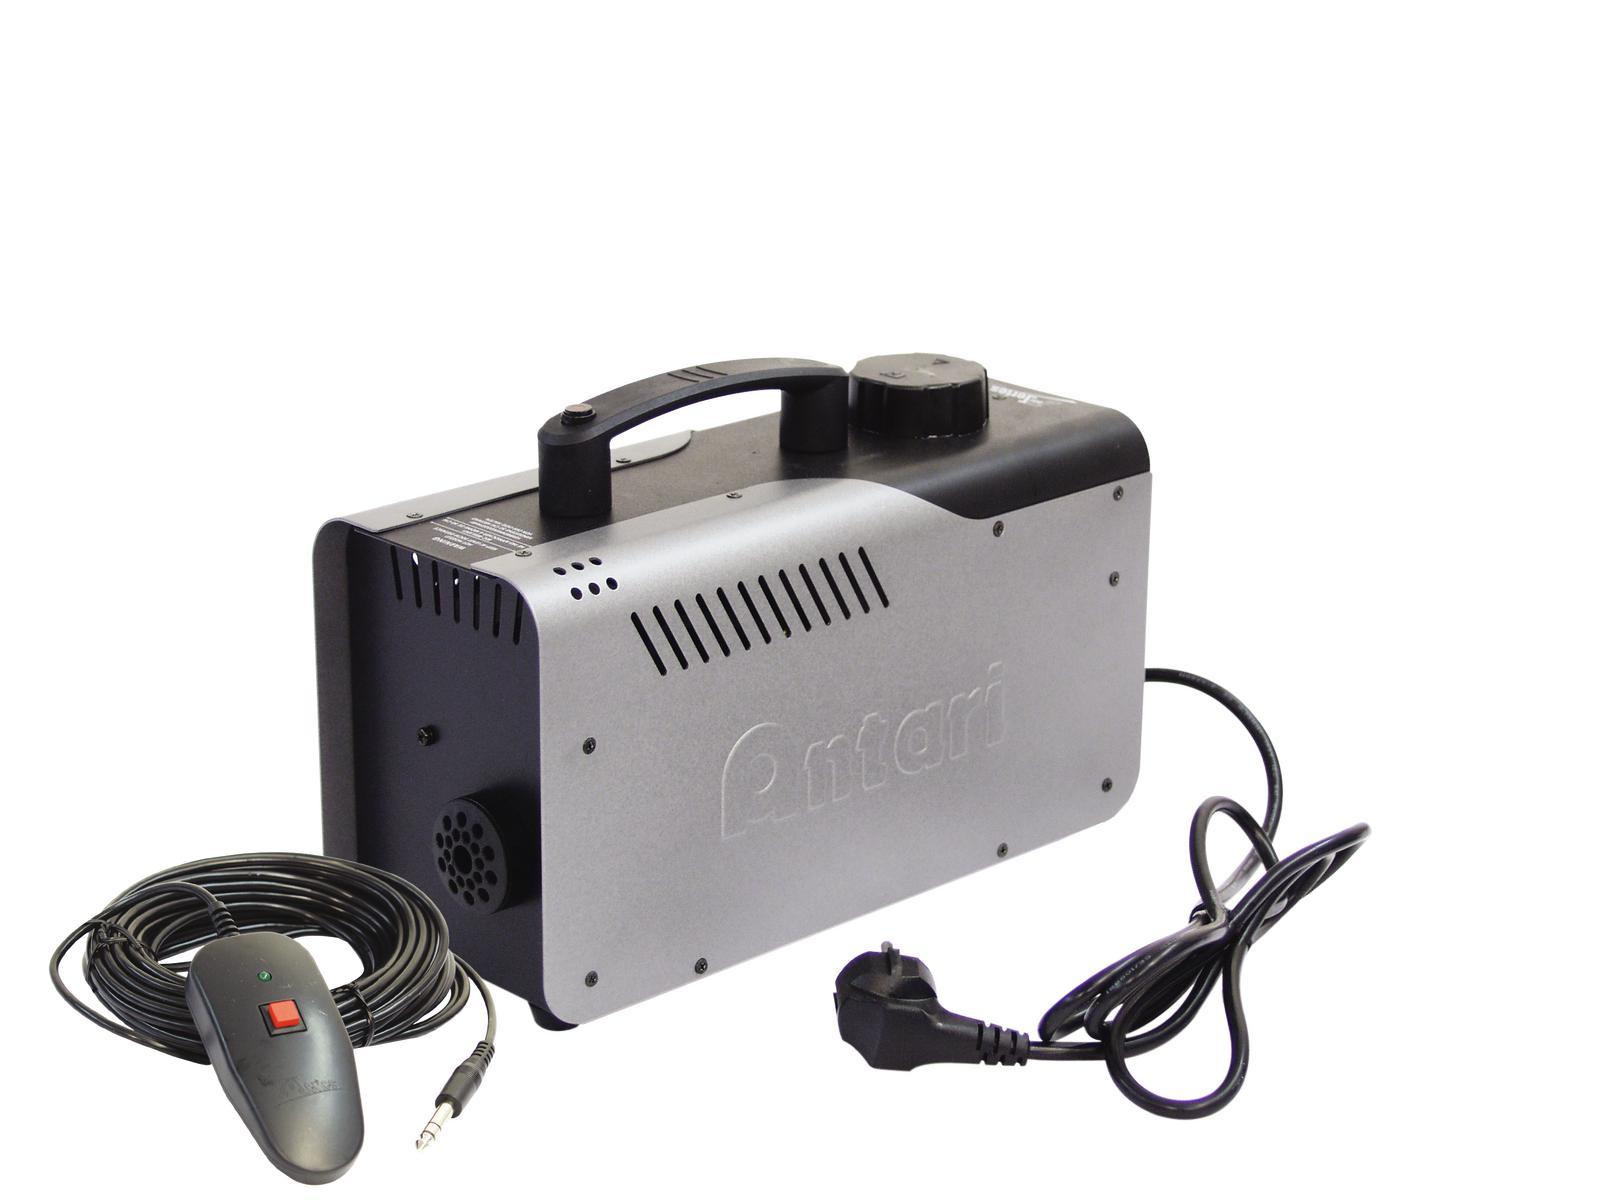 Macchina del fumo 800 W, portatile con controller ANTARI Z-800 MK2